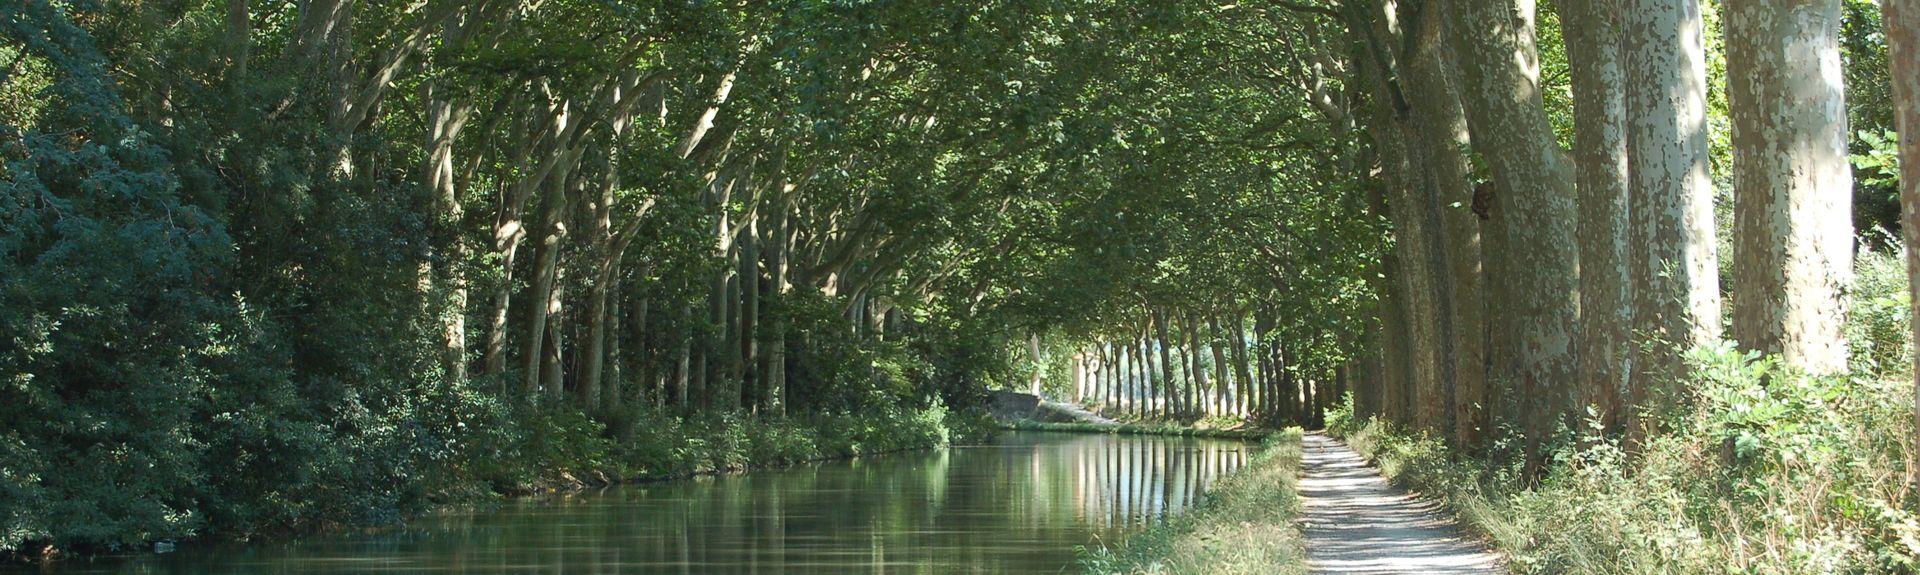 Villegly, France